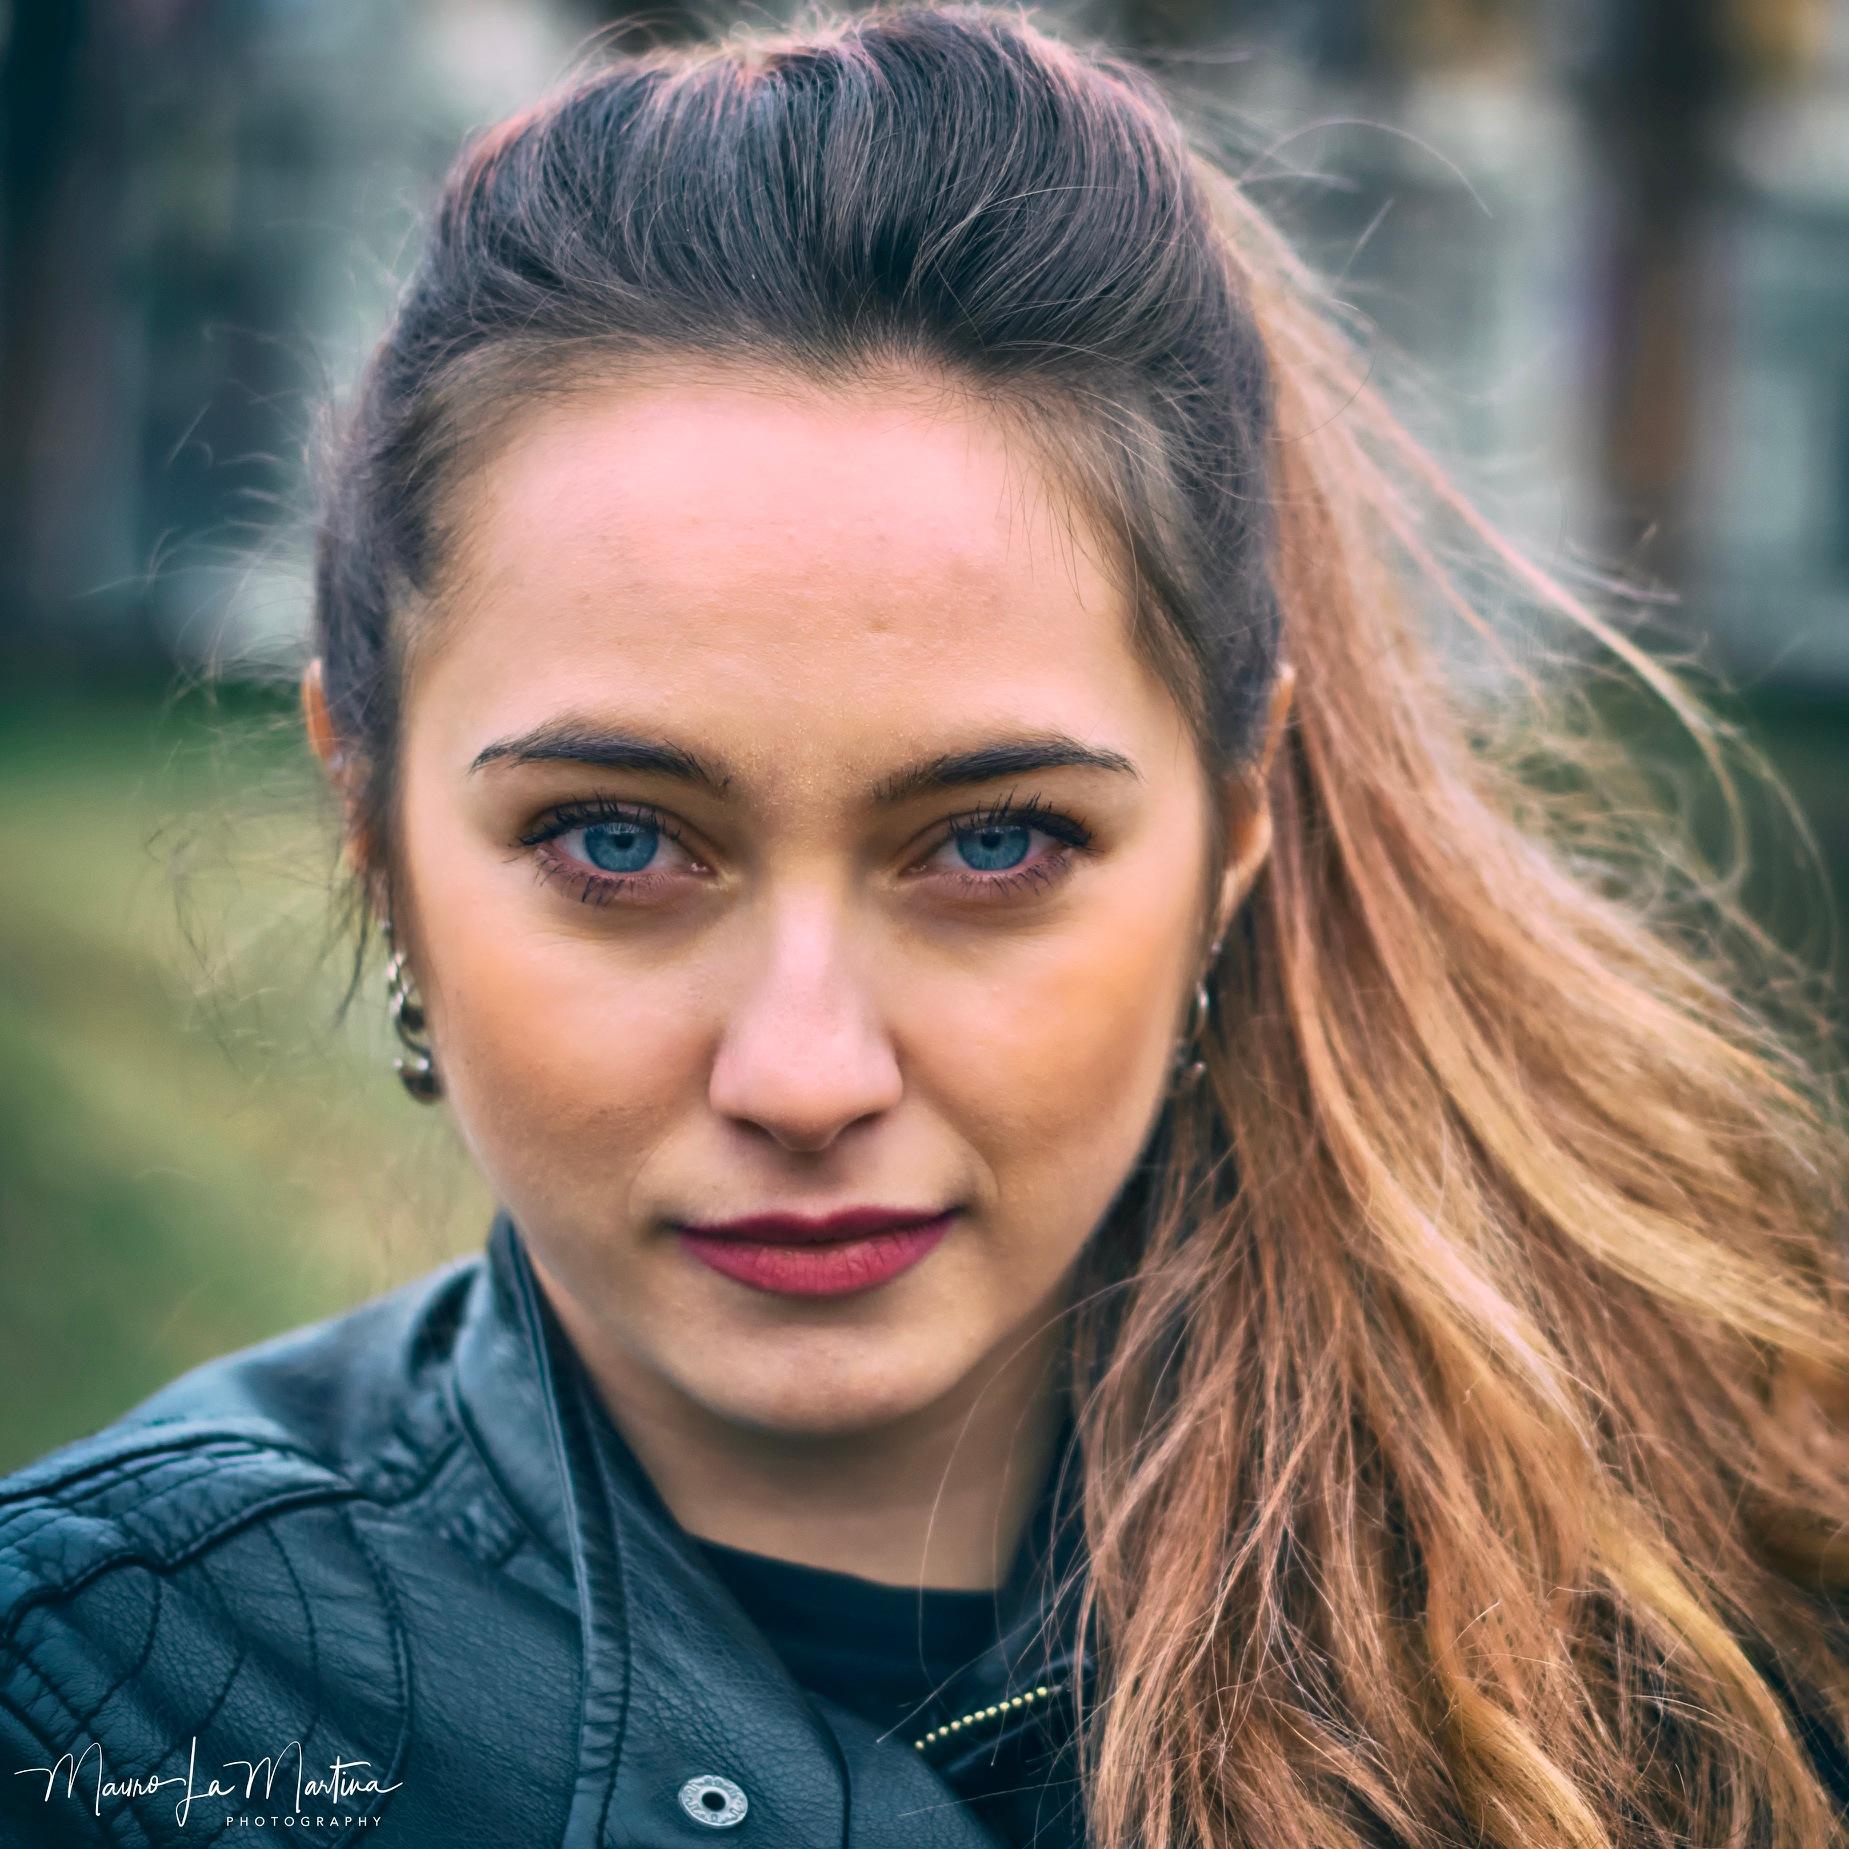 Portrait by Mauro La Martina